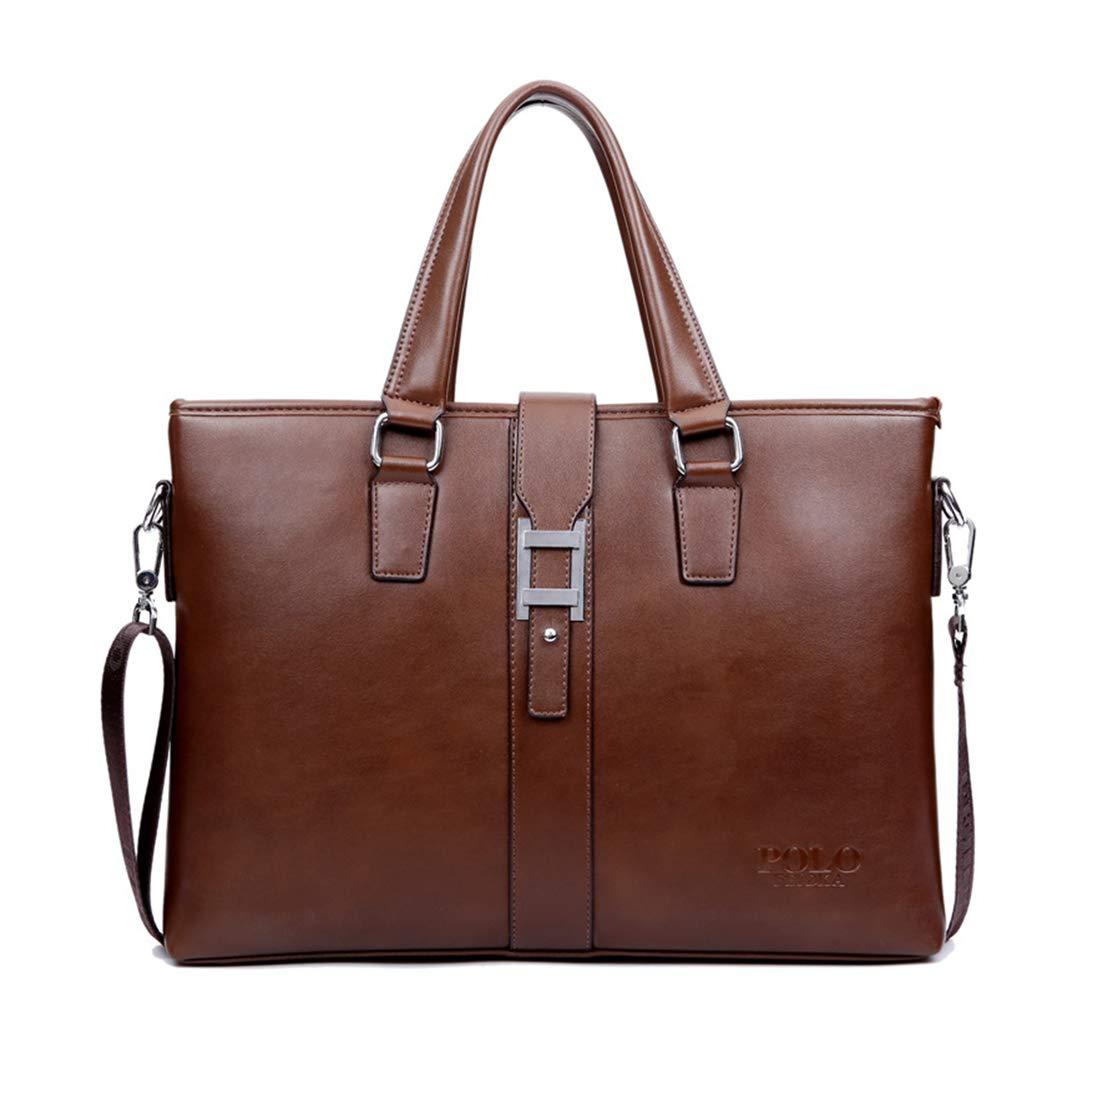 GRXXX Leder Aktentasche Laptop Messenger Business Taschen für Männer wasserdicht langlebig B07Q82TNWS Messenger-Bags